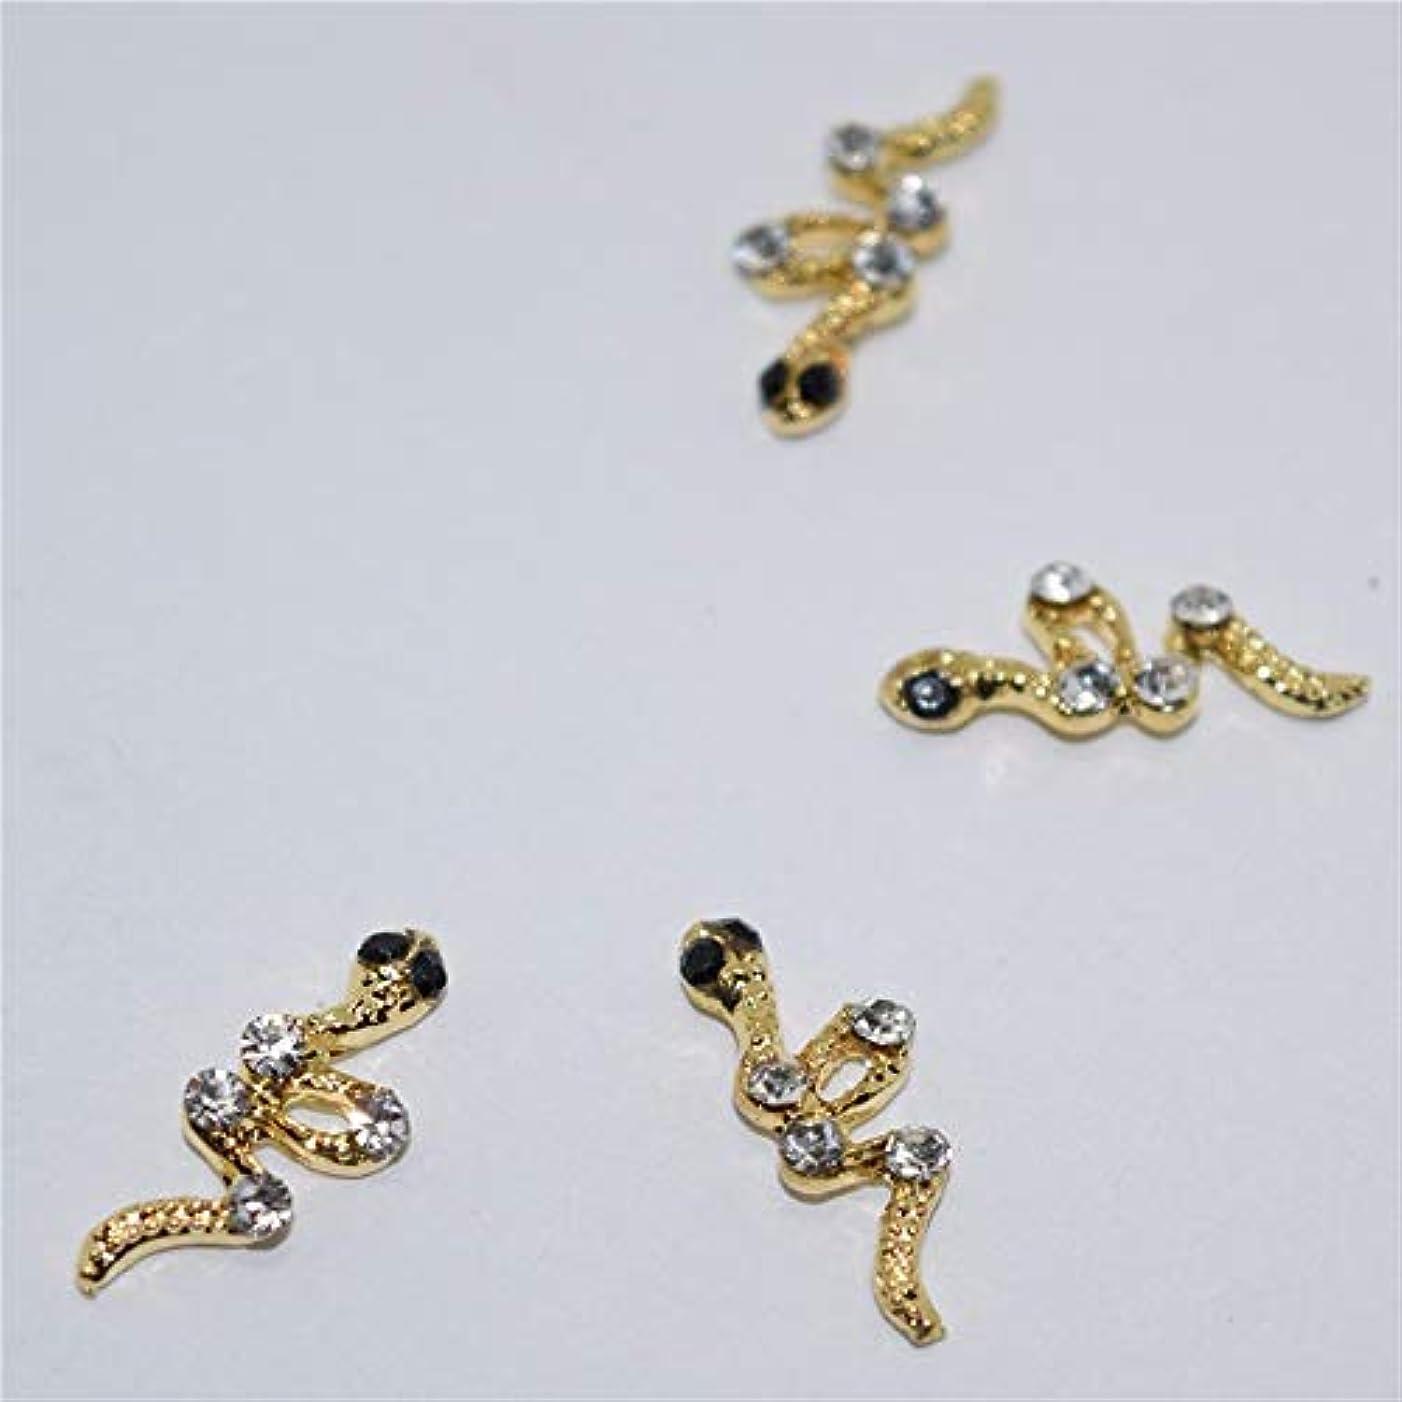 駐地スペア商業の10個入りゴールデンスネーク動物の3Dネイルアートの装飾合金ネイルチャームネイルズラインストーンネイル用品